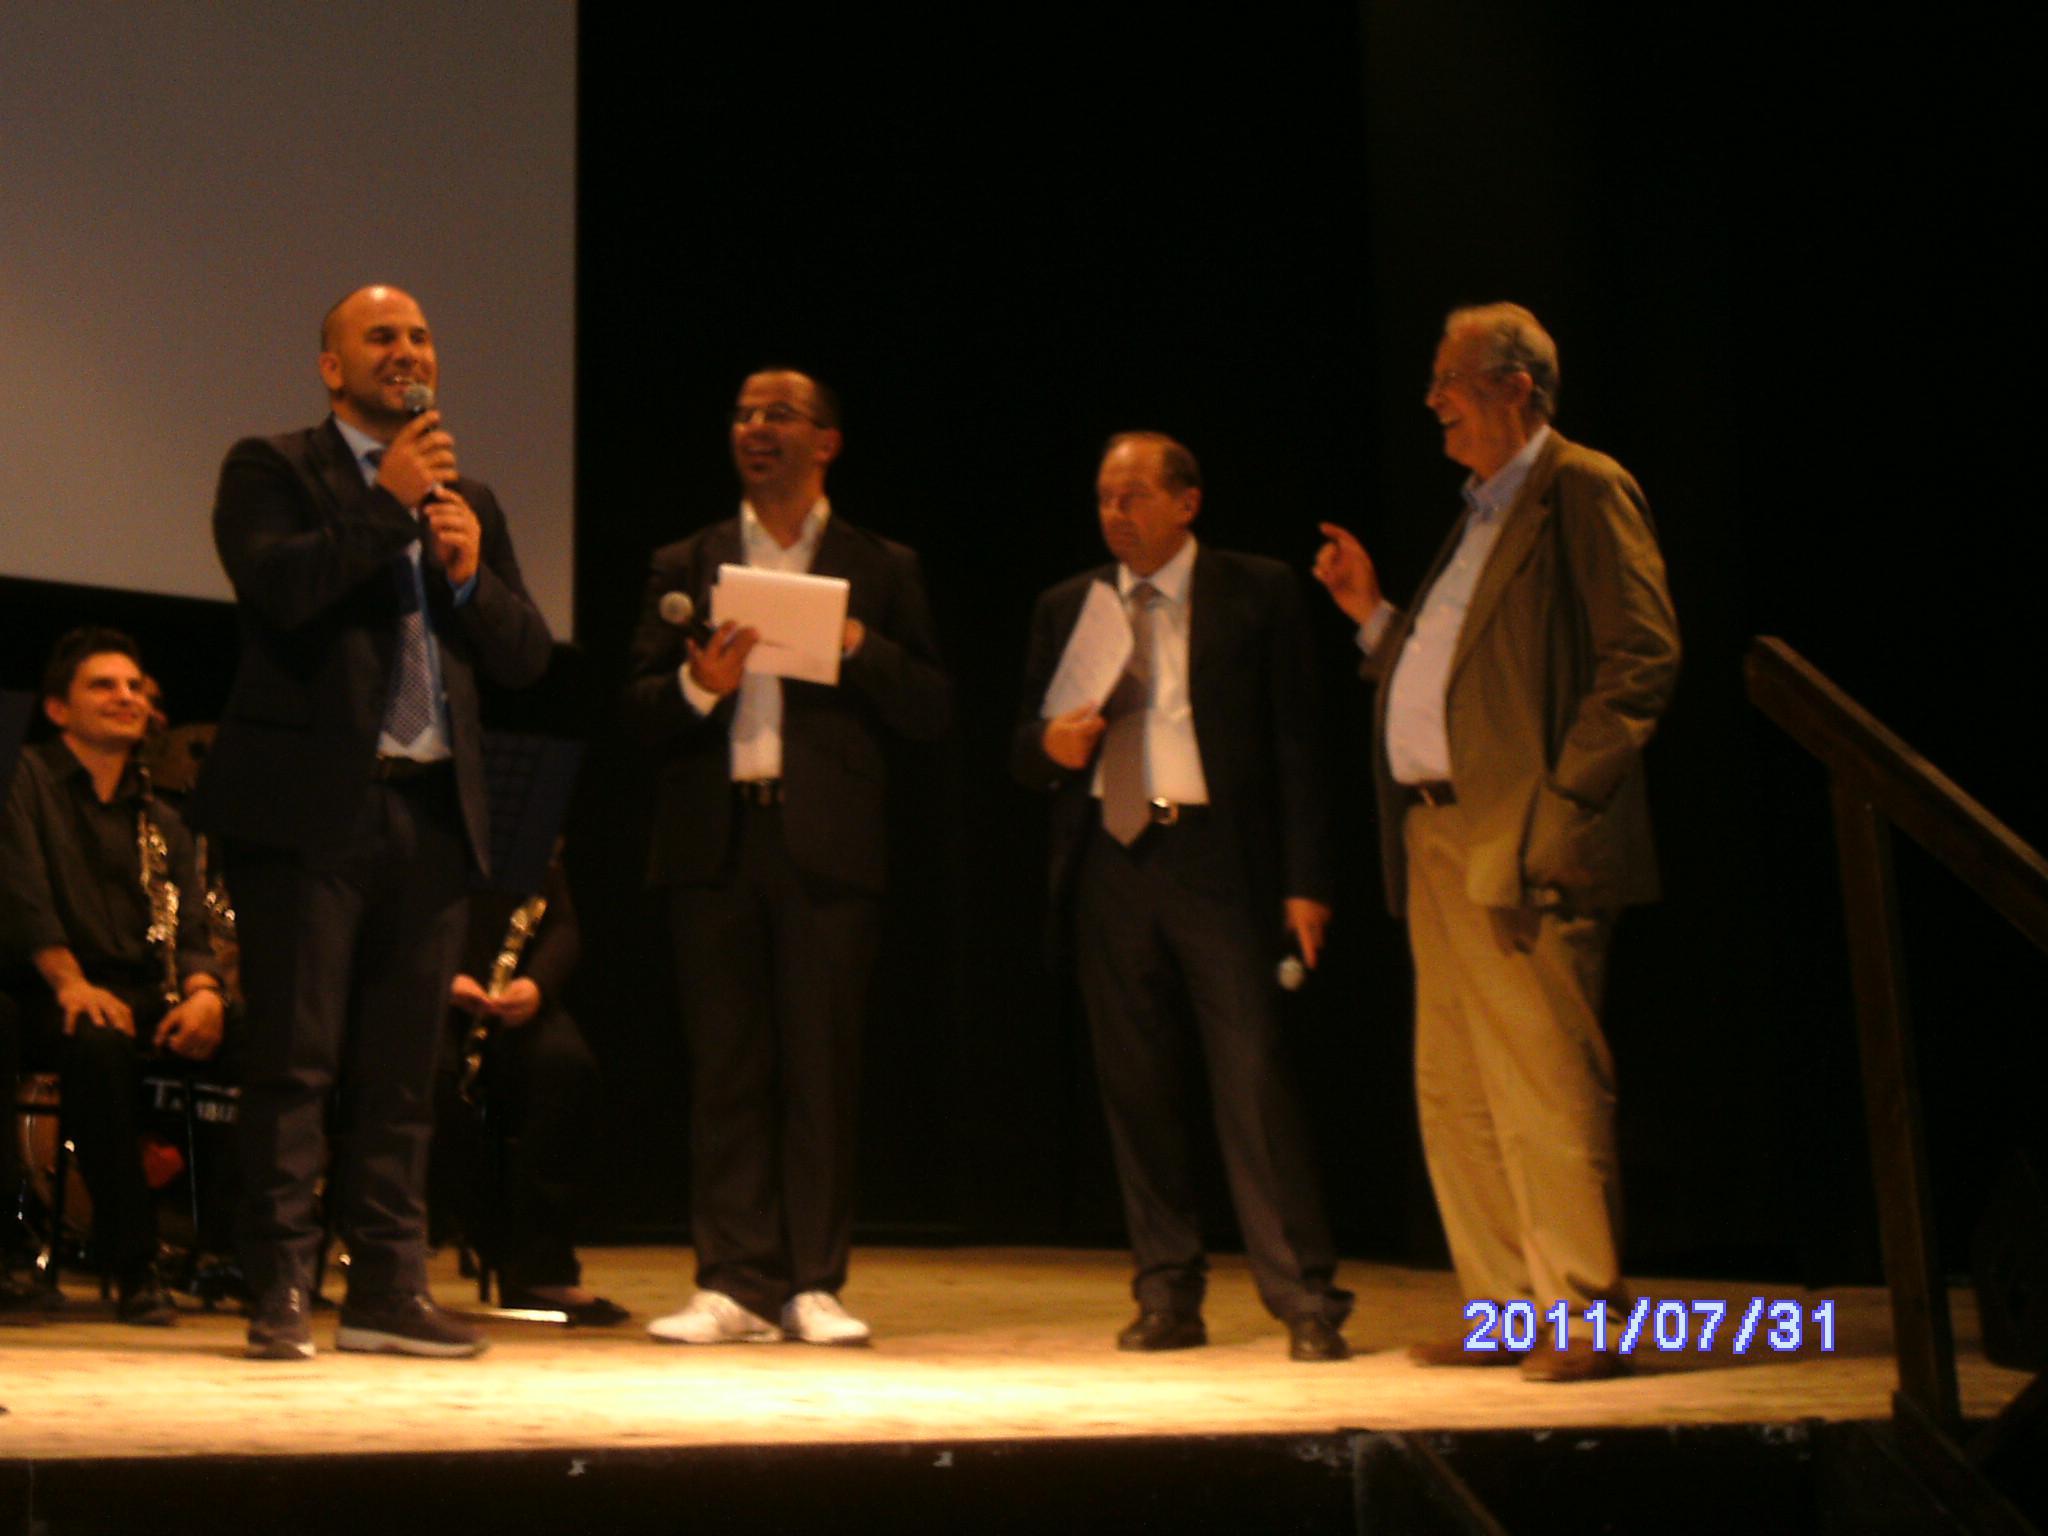 Valerio Lucciarini, Luca Sestili, Giannetto Rossetti, Nuccio Fava